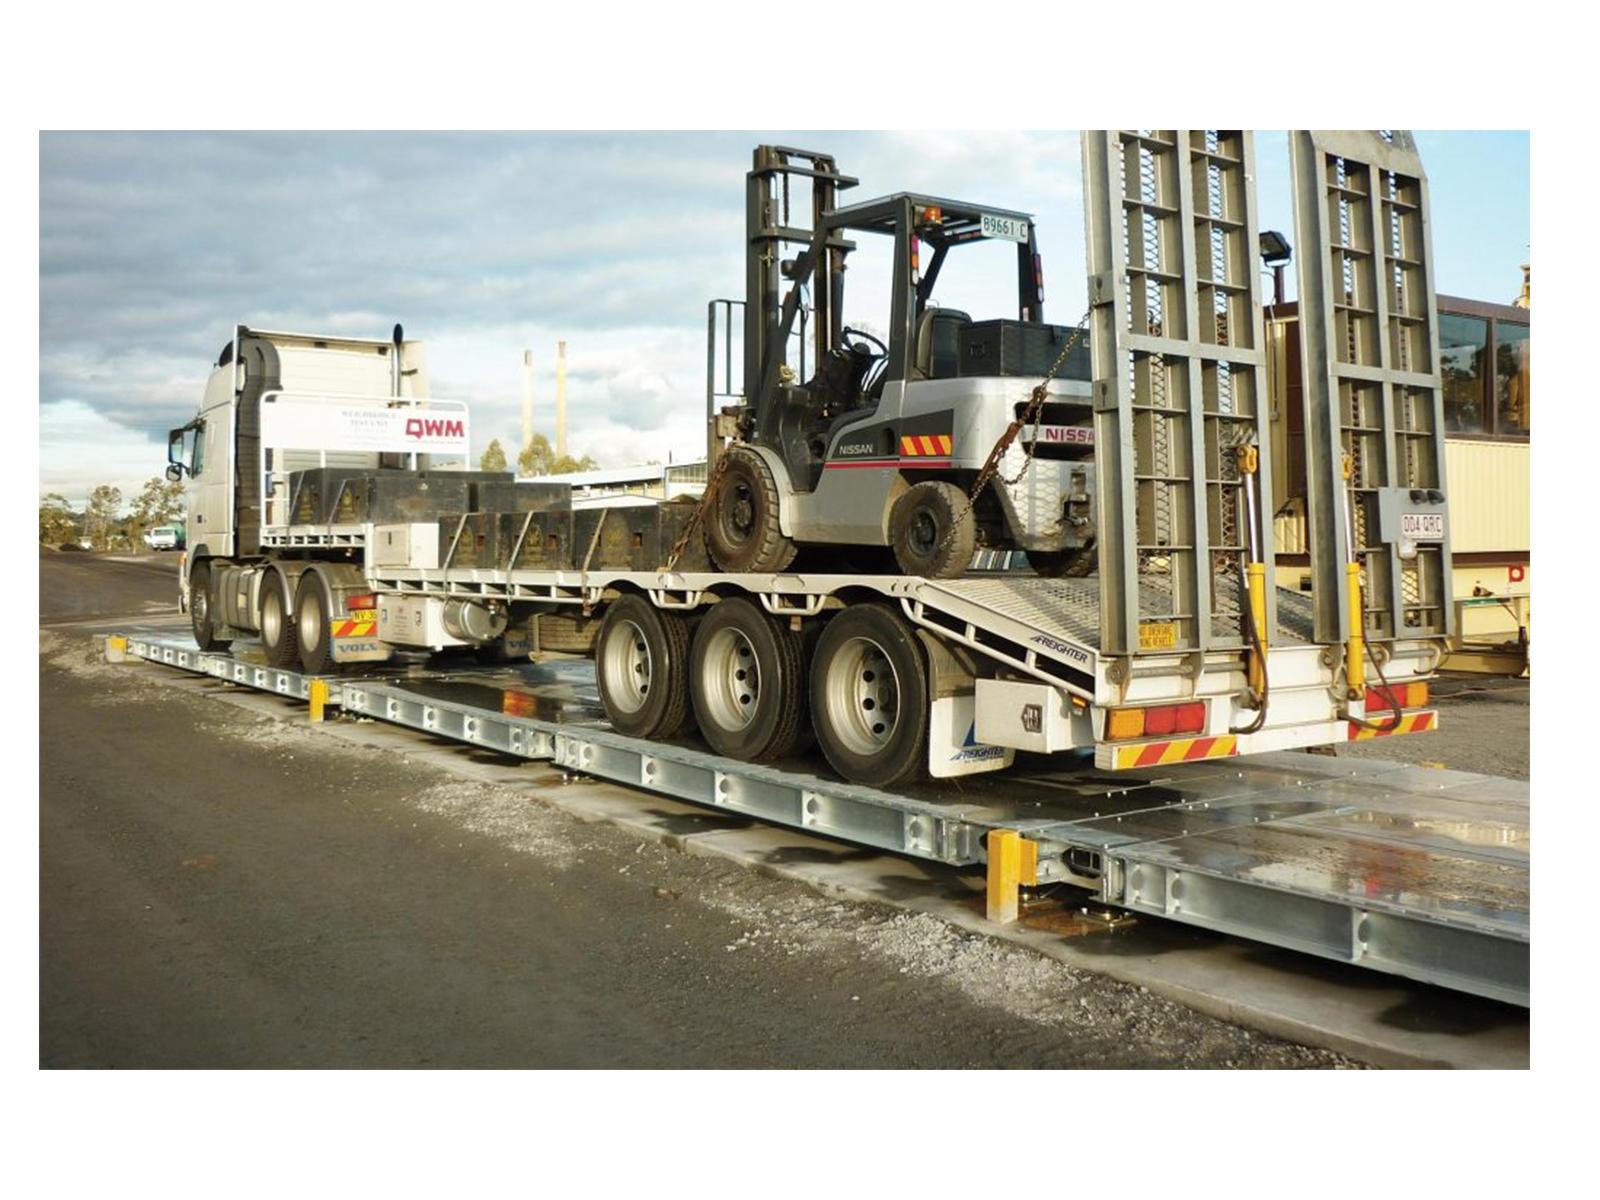 above ground weighbridge with test truck